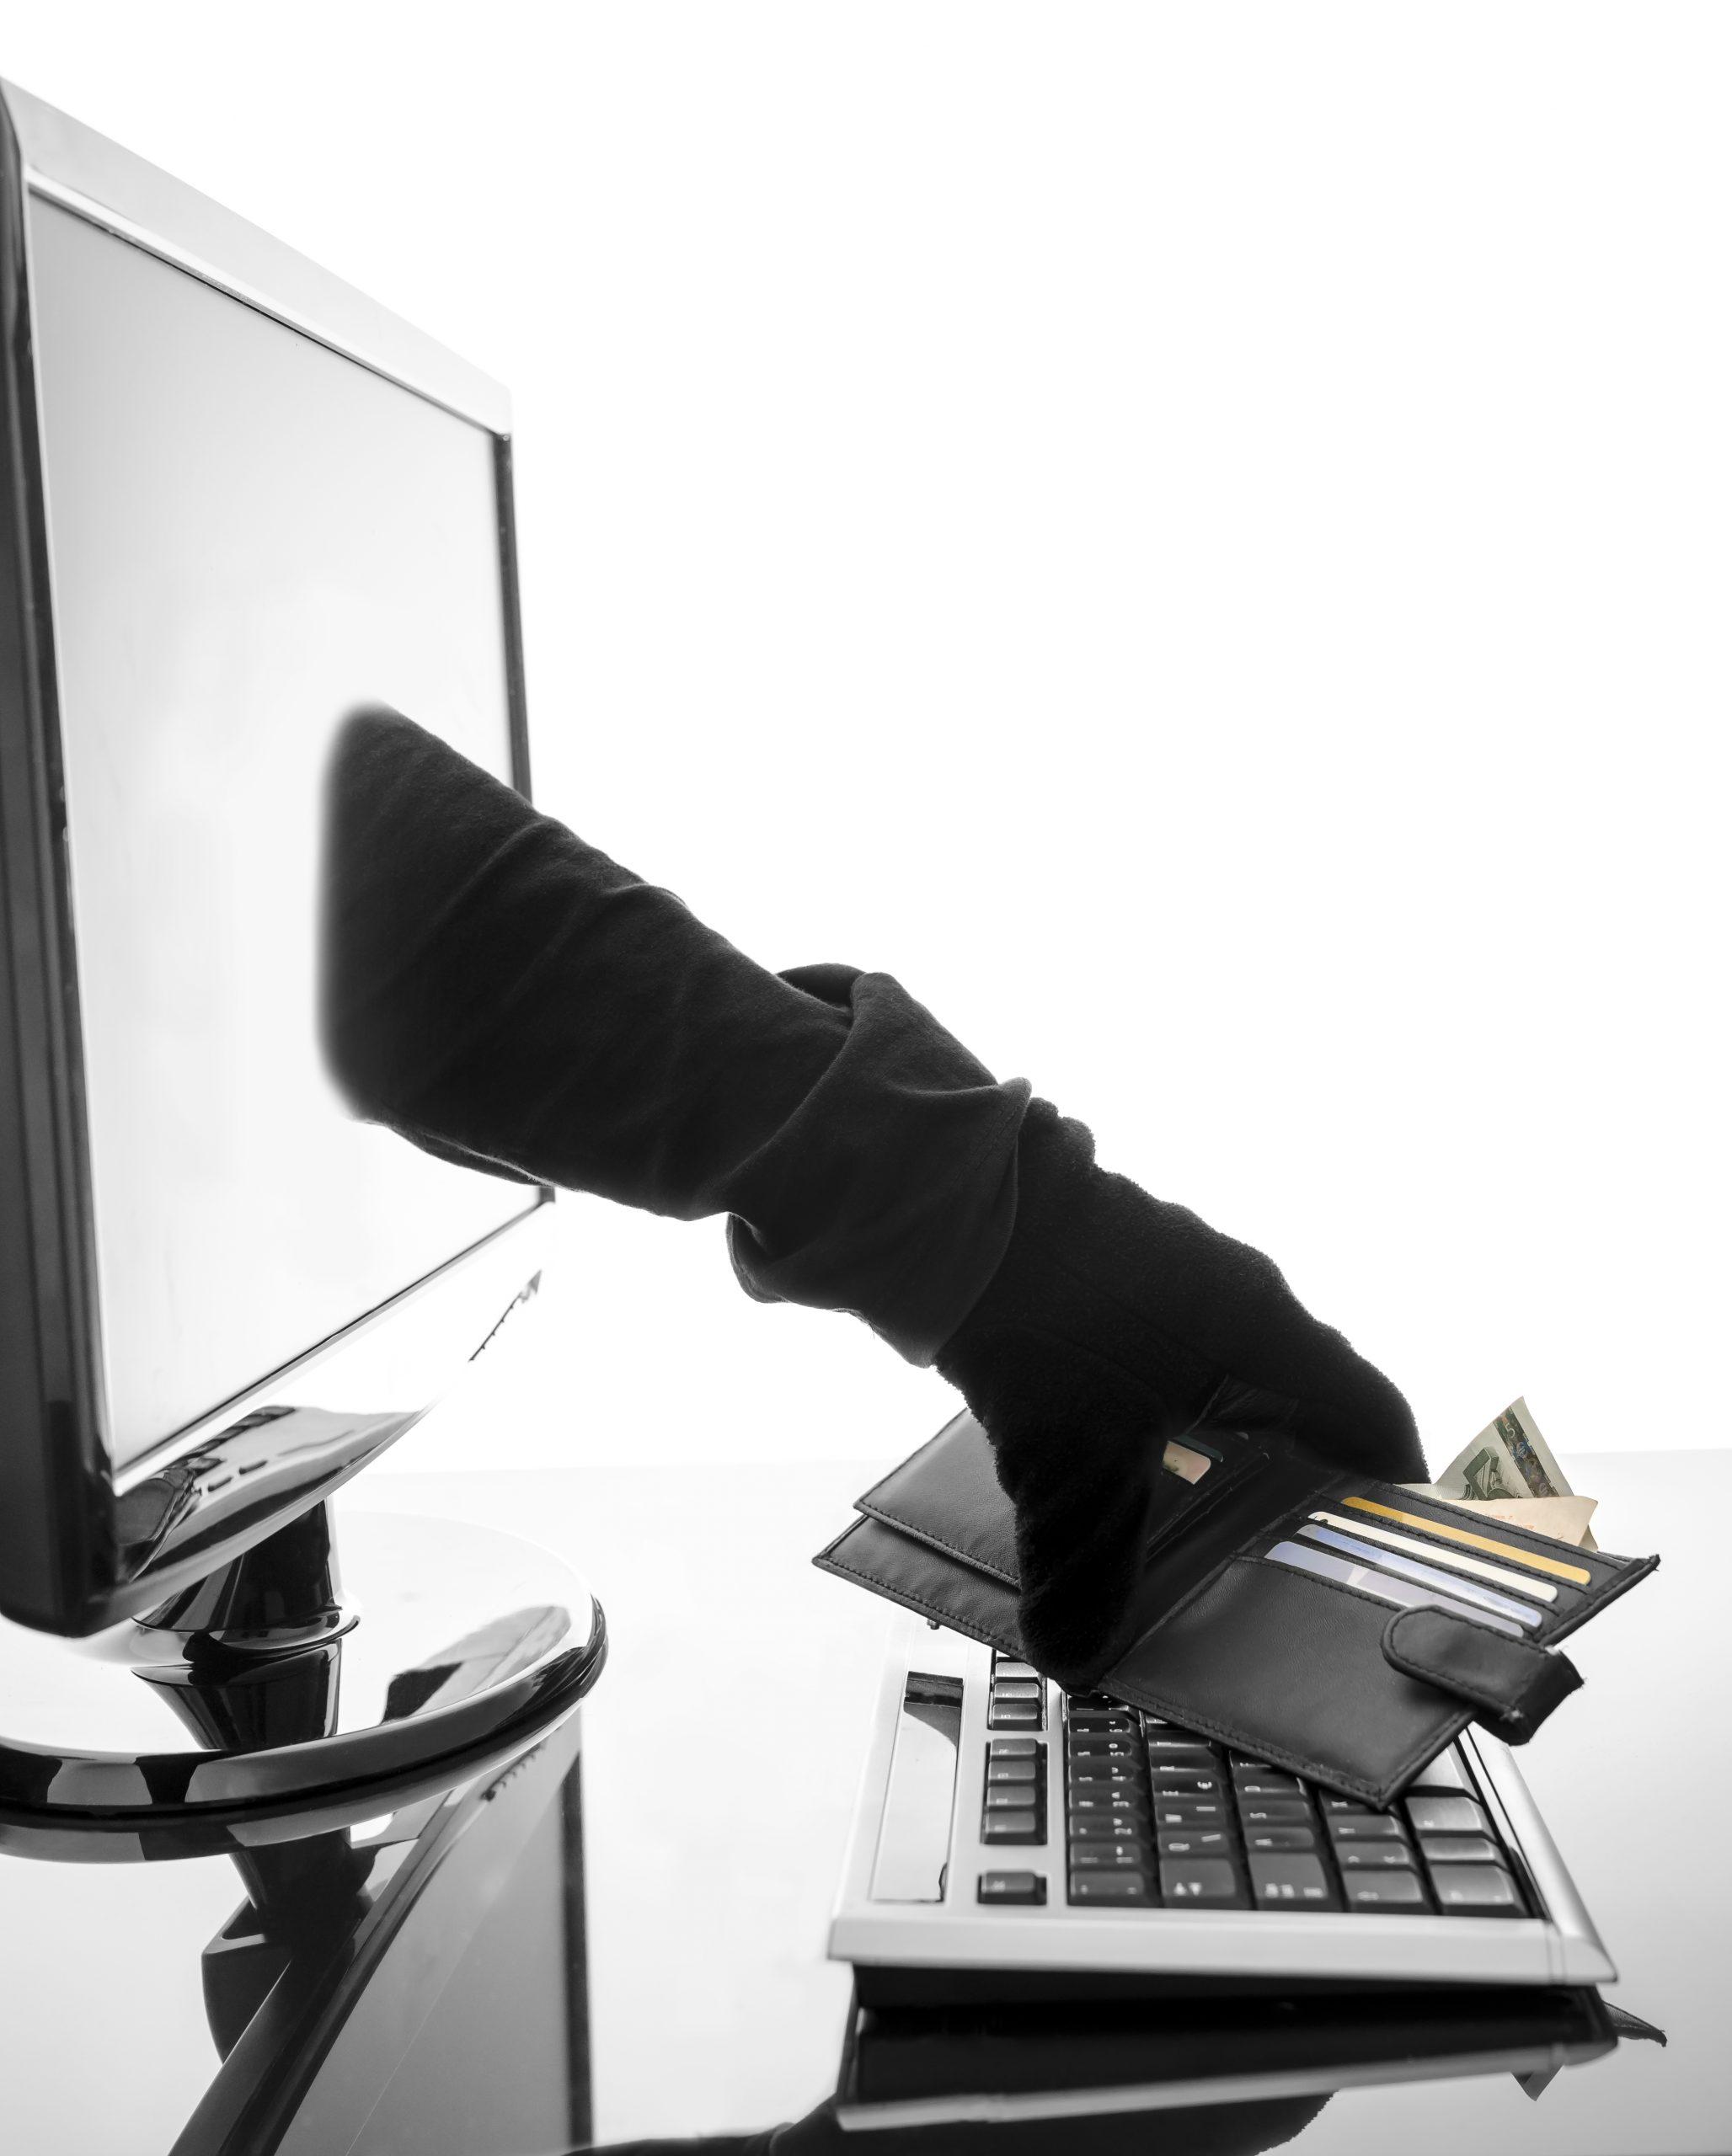 bitcoin wallet scam